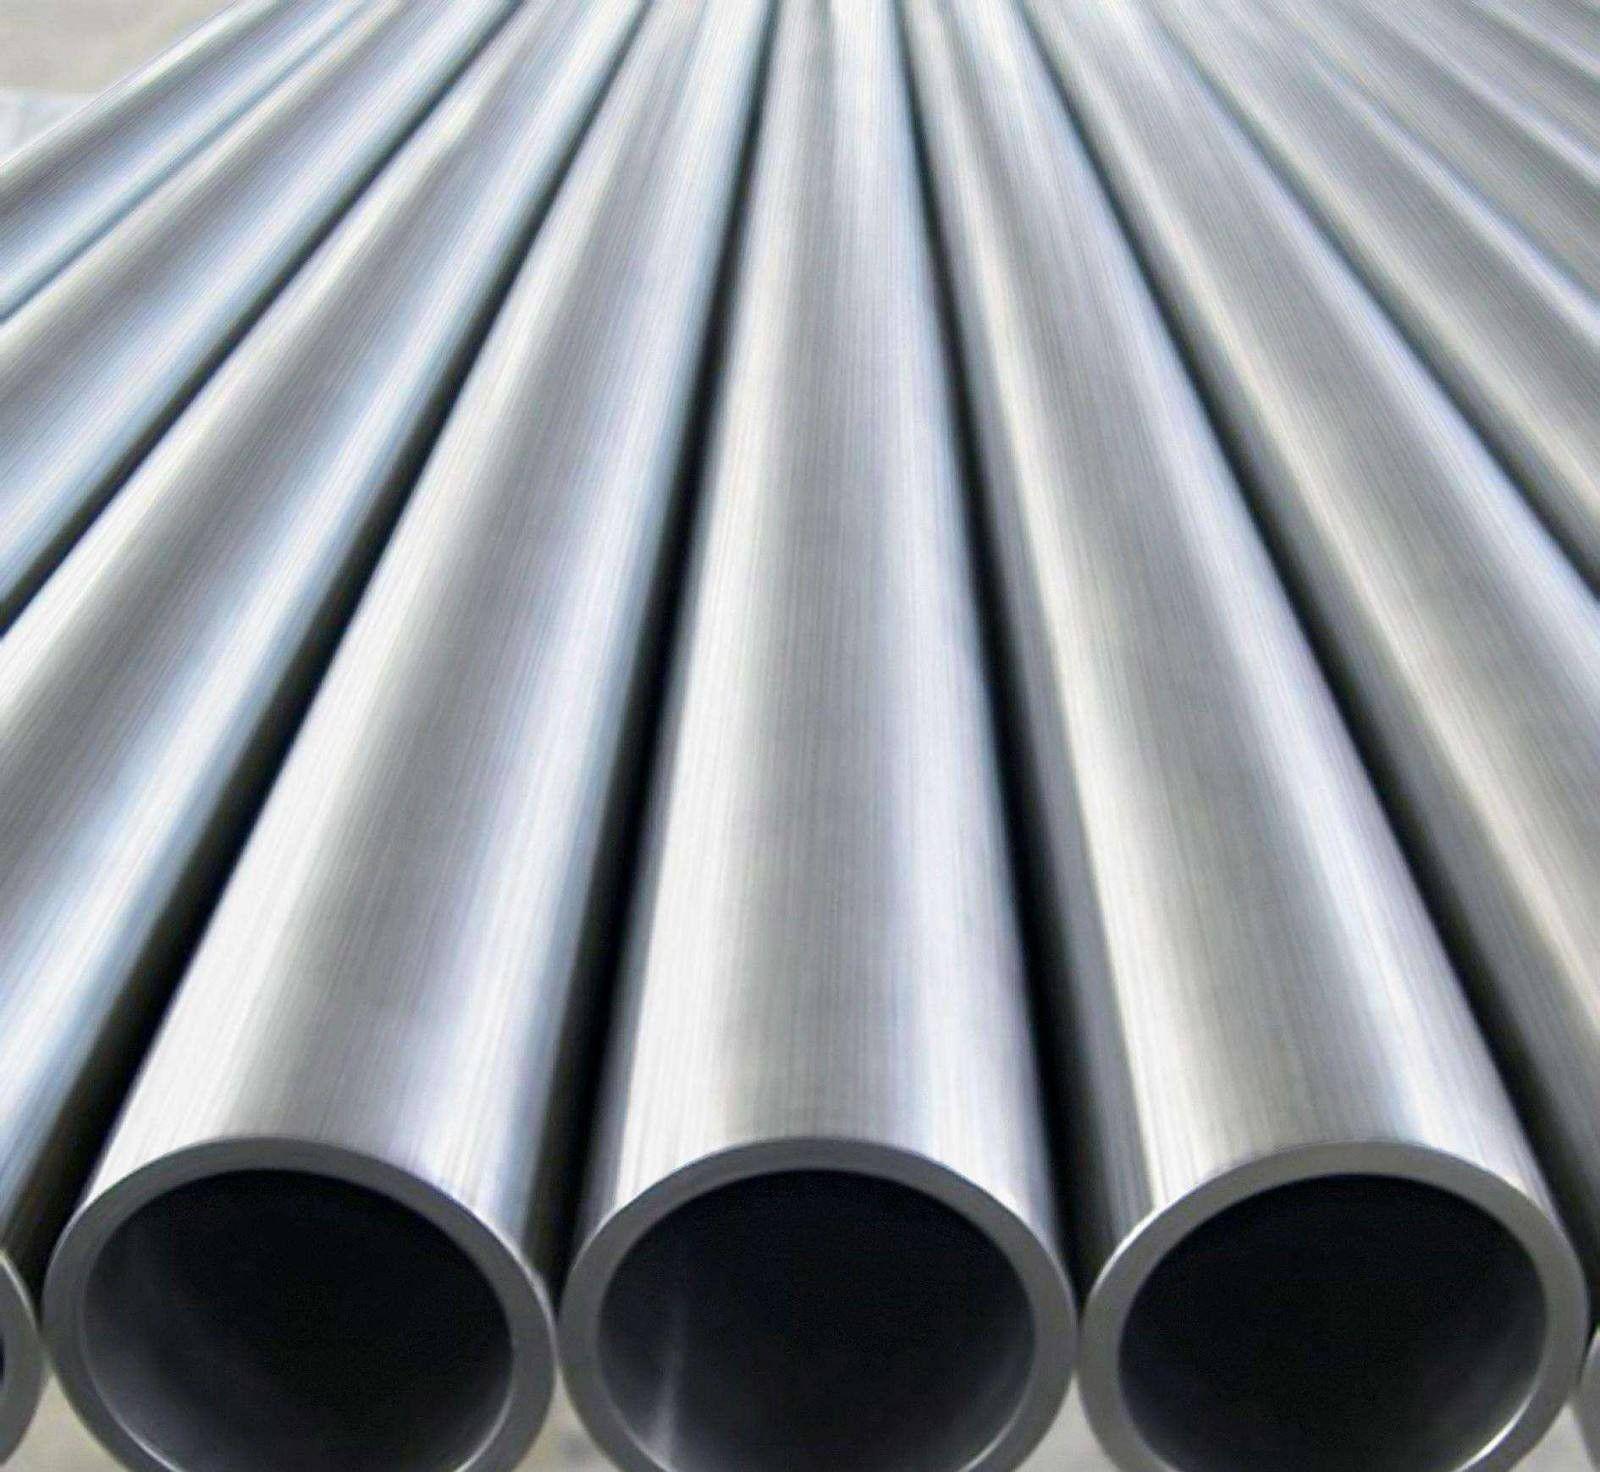 丹东市P2钢管产品下跌20恐高了